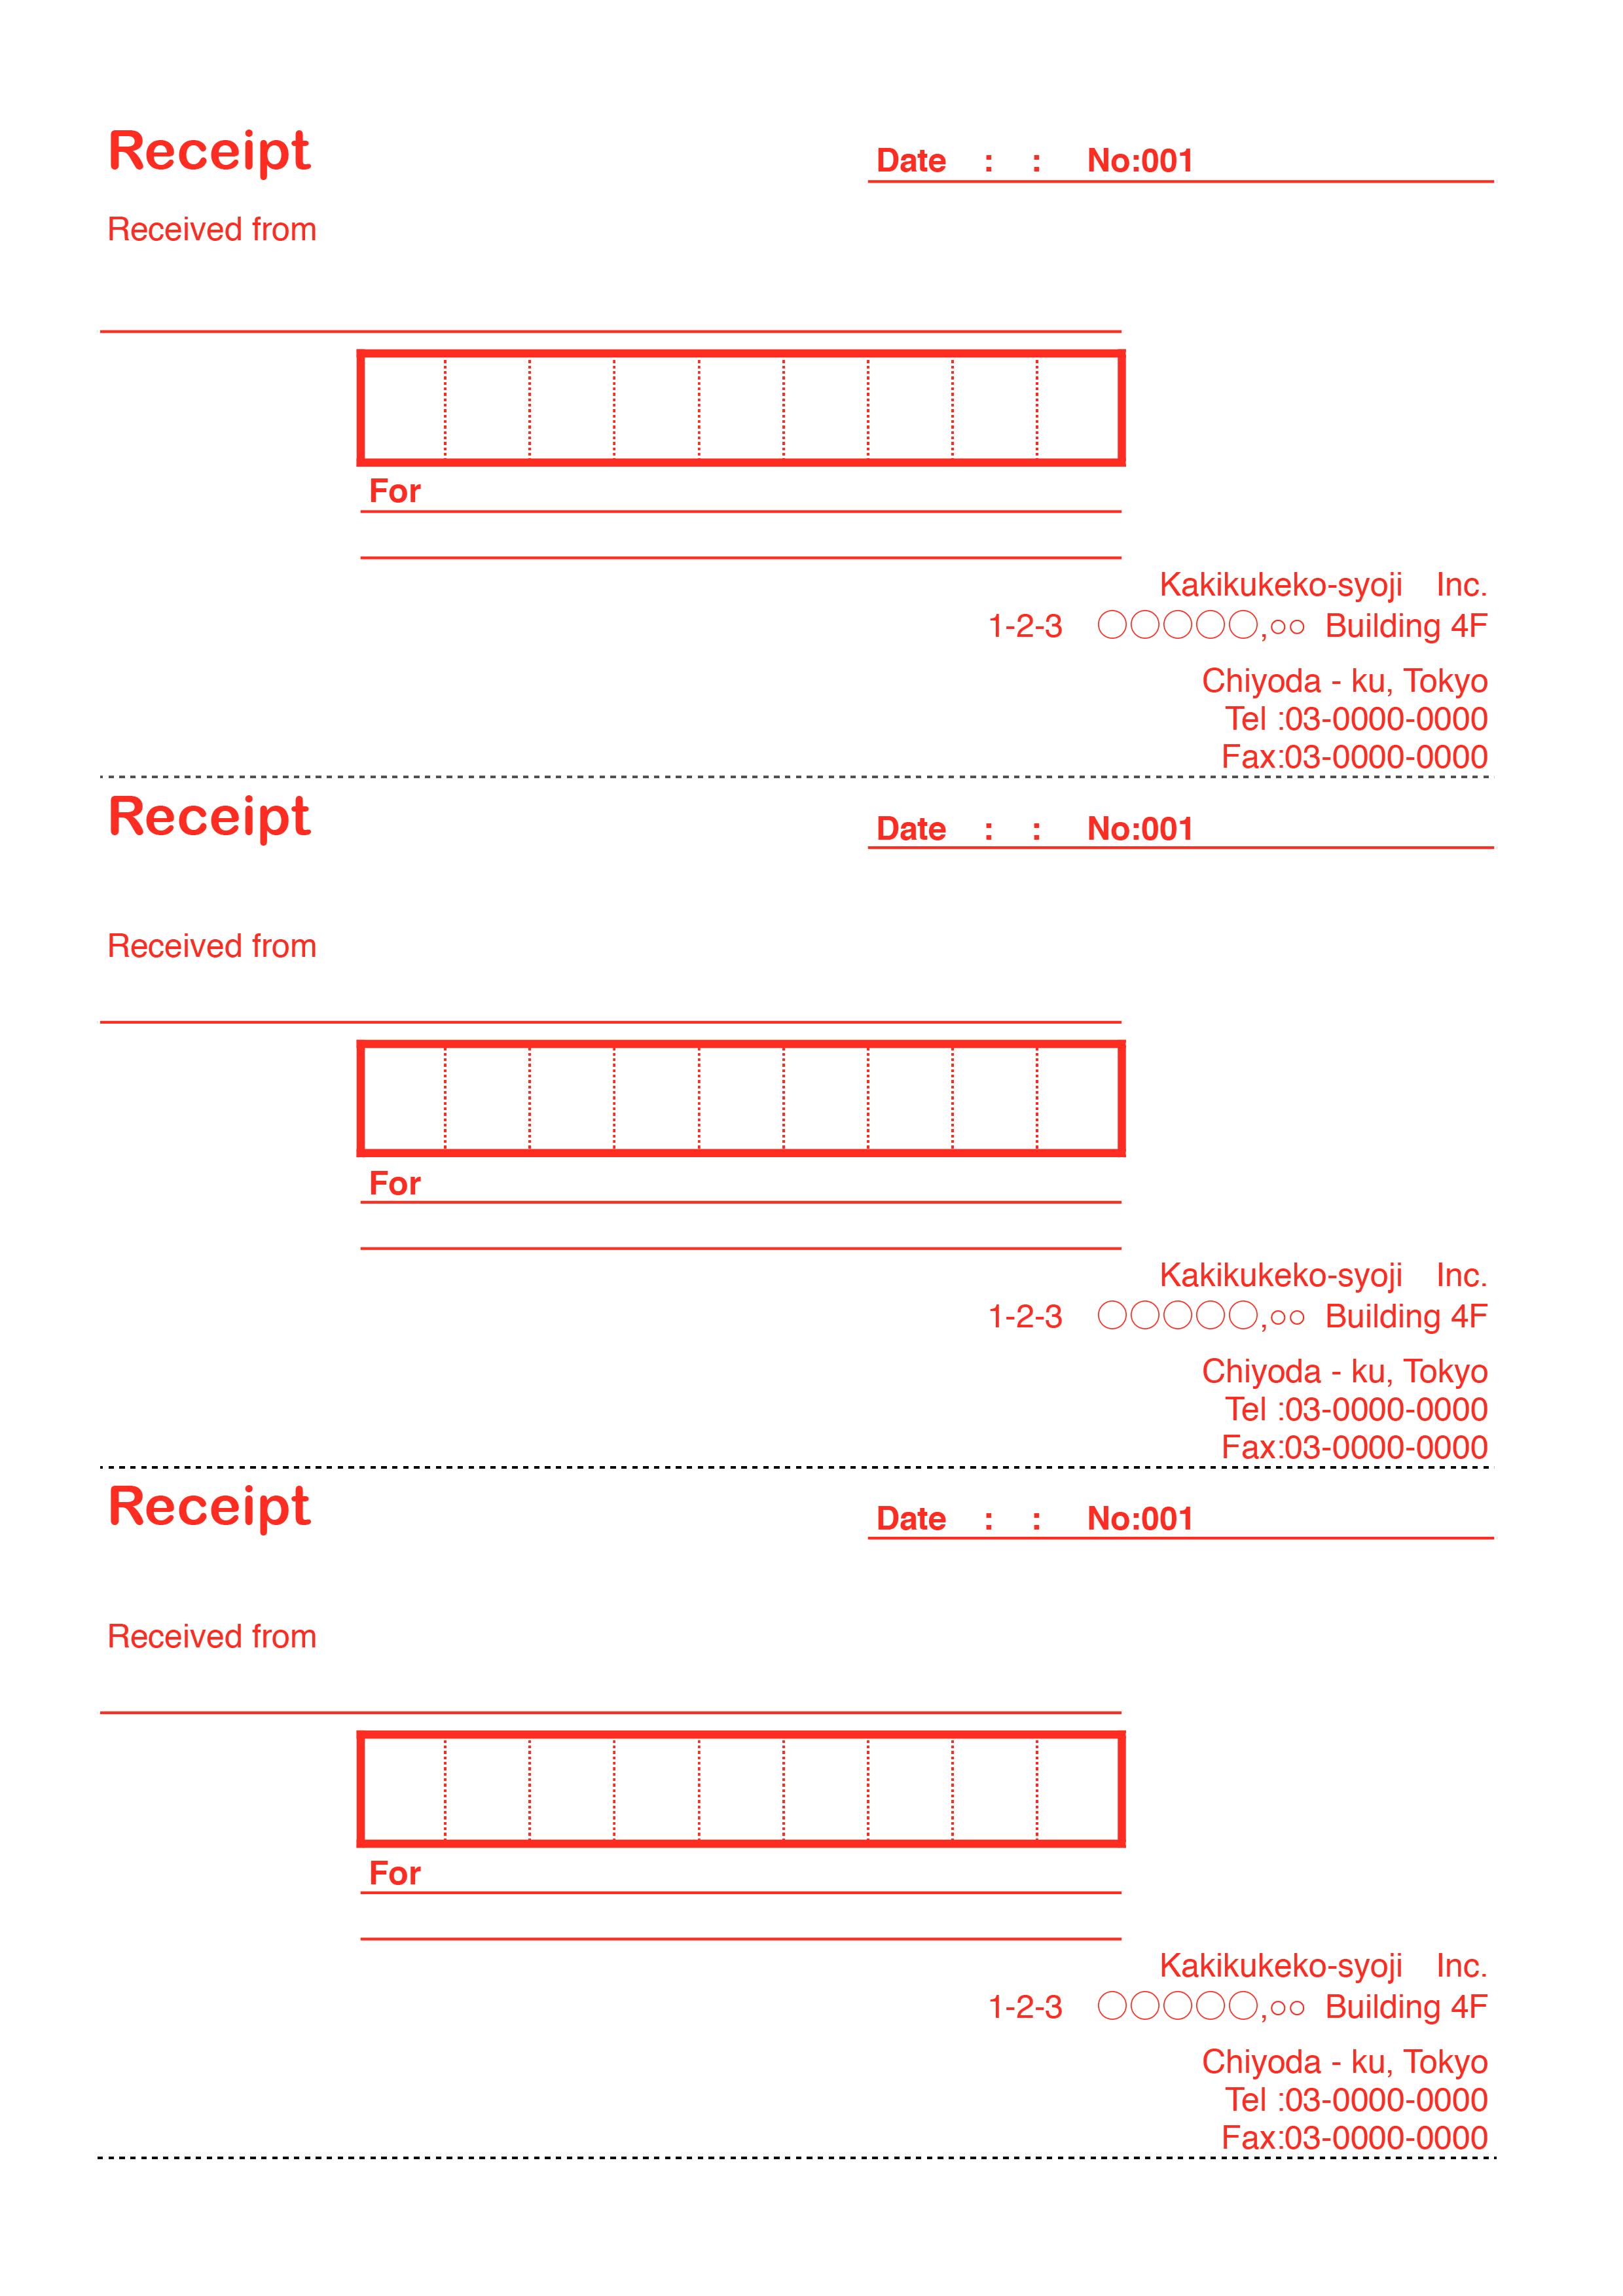 おしゃれな英字の領収書(Receipt)テンプレート(エクセル・ナンバーズ)3枚つづり レッド